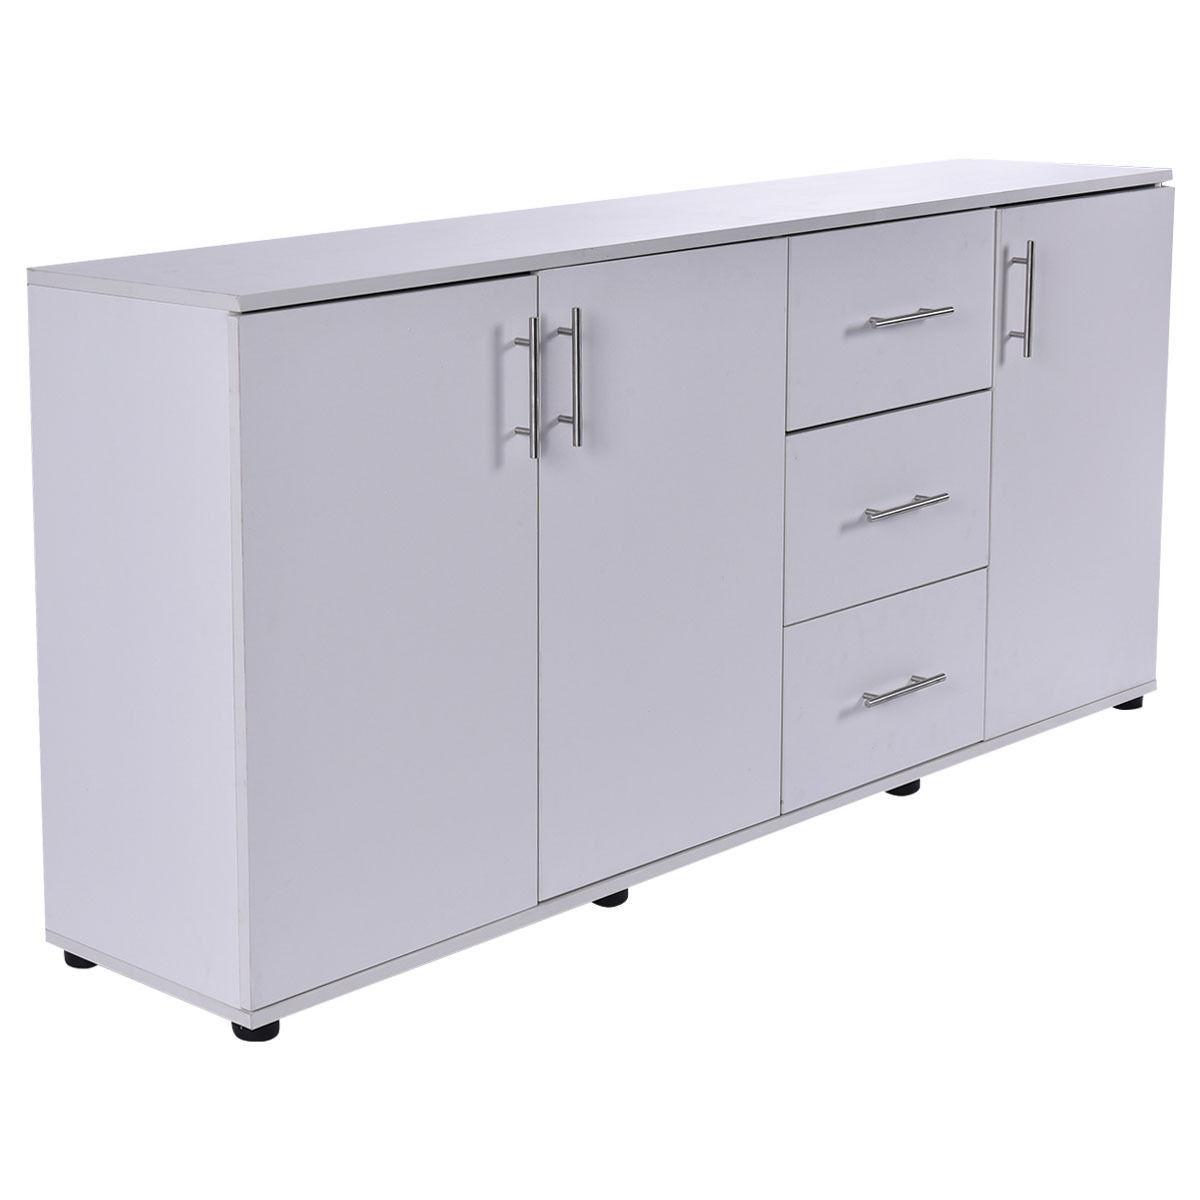 Best ideas about Walmart Storage Cabinet . Save or Pin Bathroom Storage Cabinets Walmart Now.